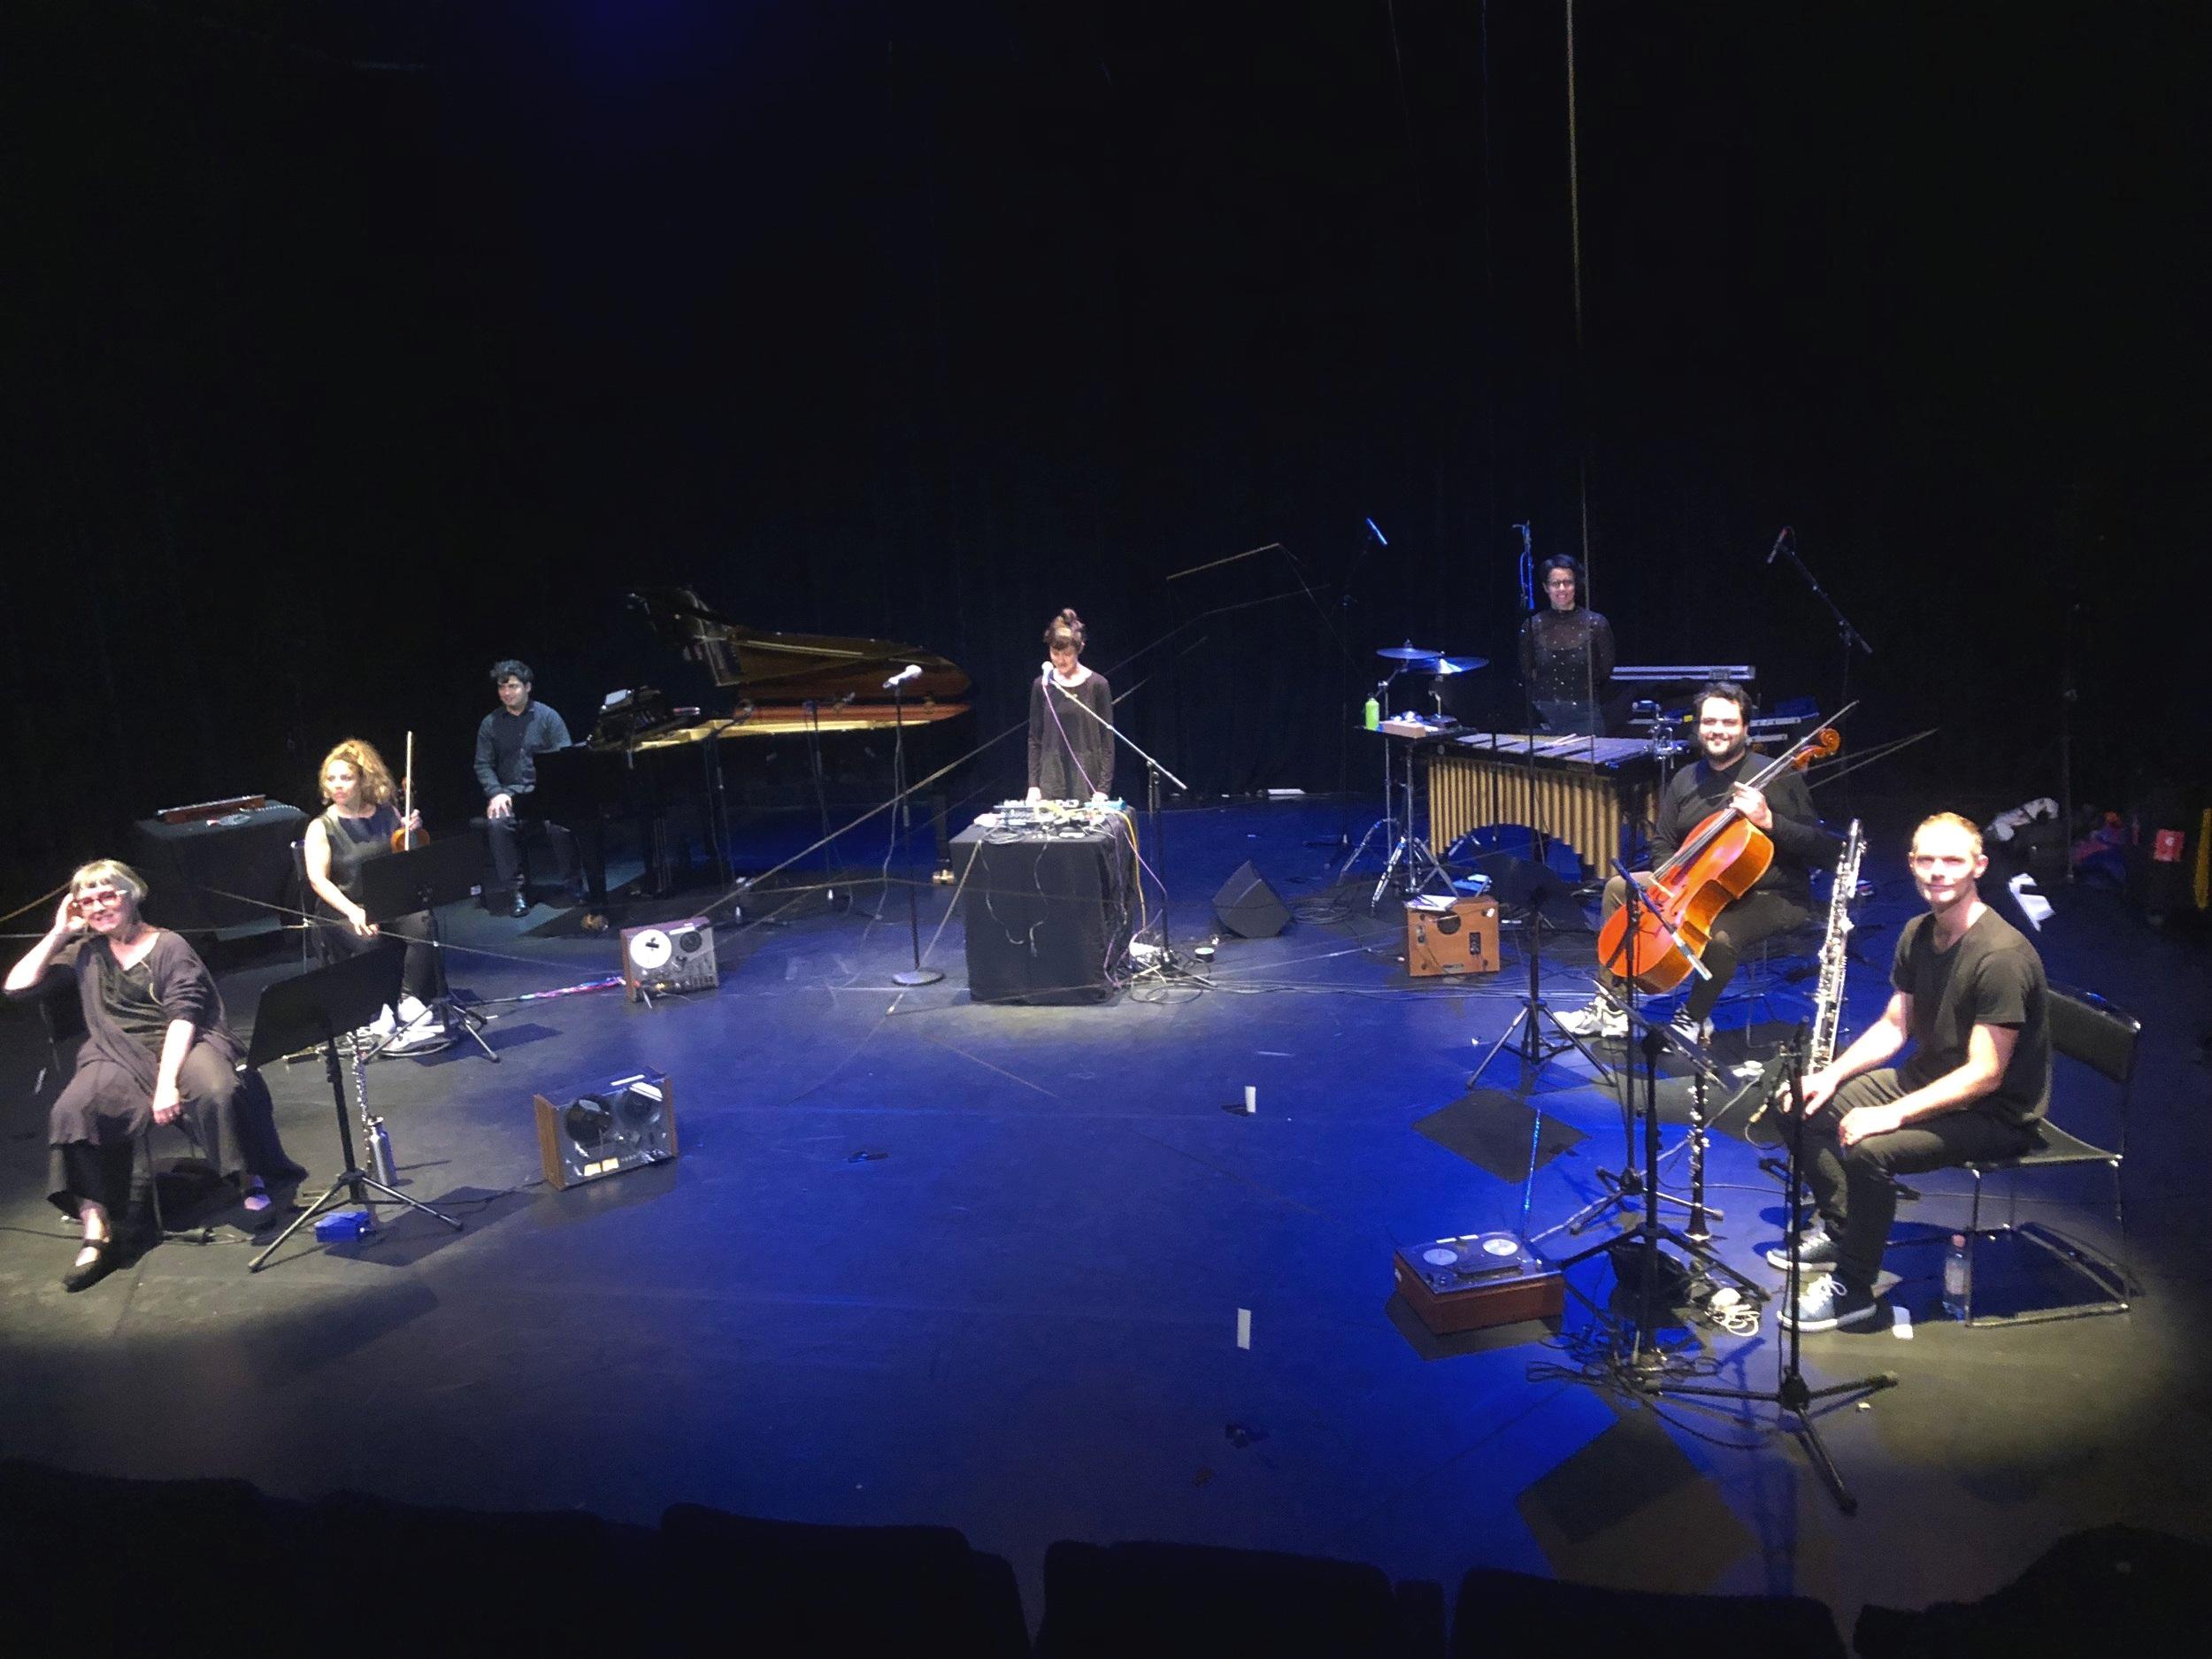 Gaudeamus Muziekweek Utrecht - They Move Differently Here